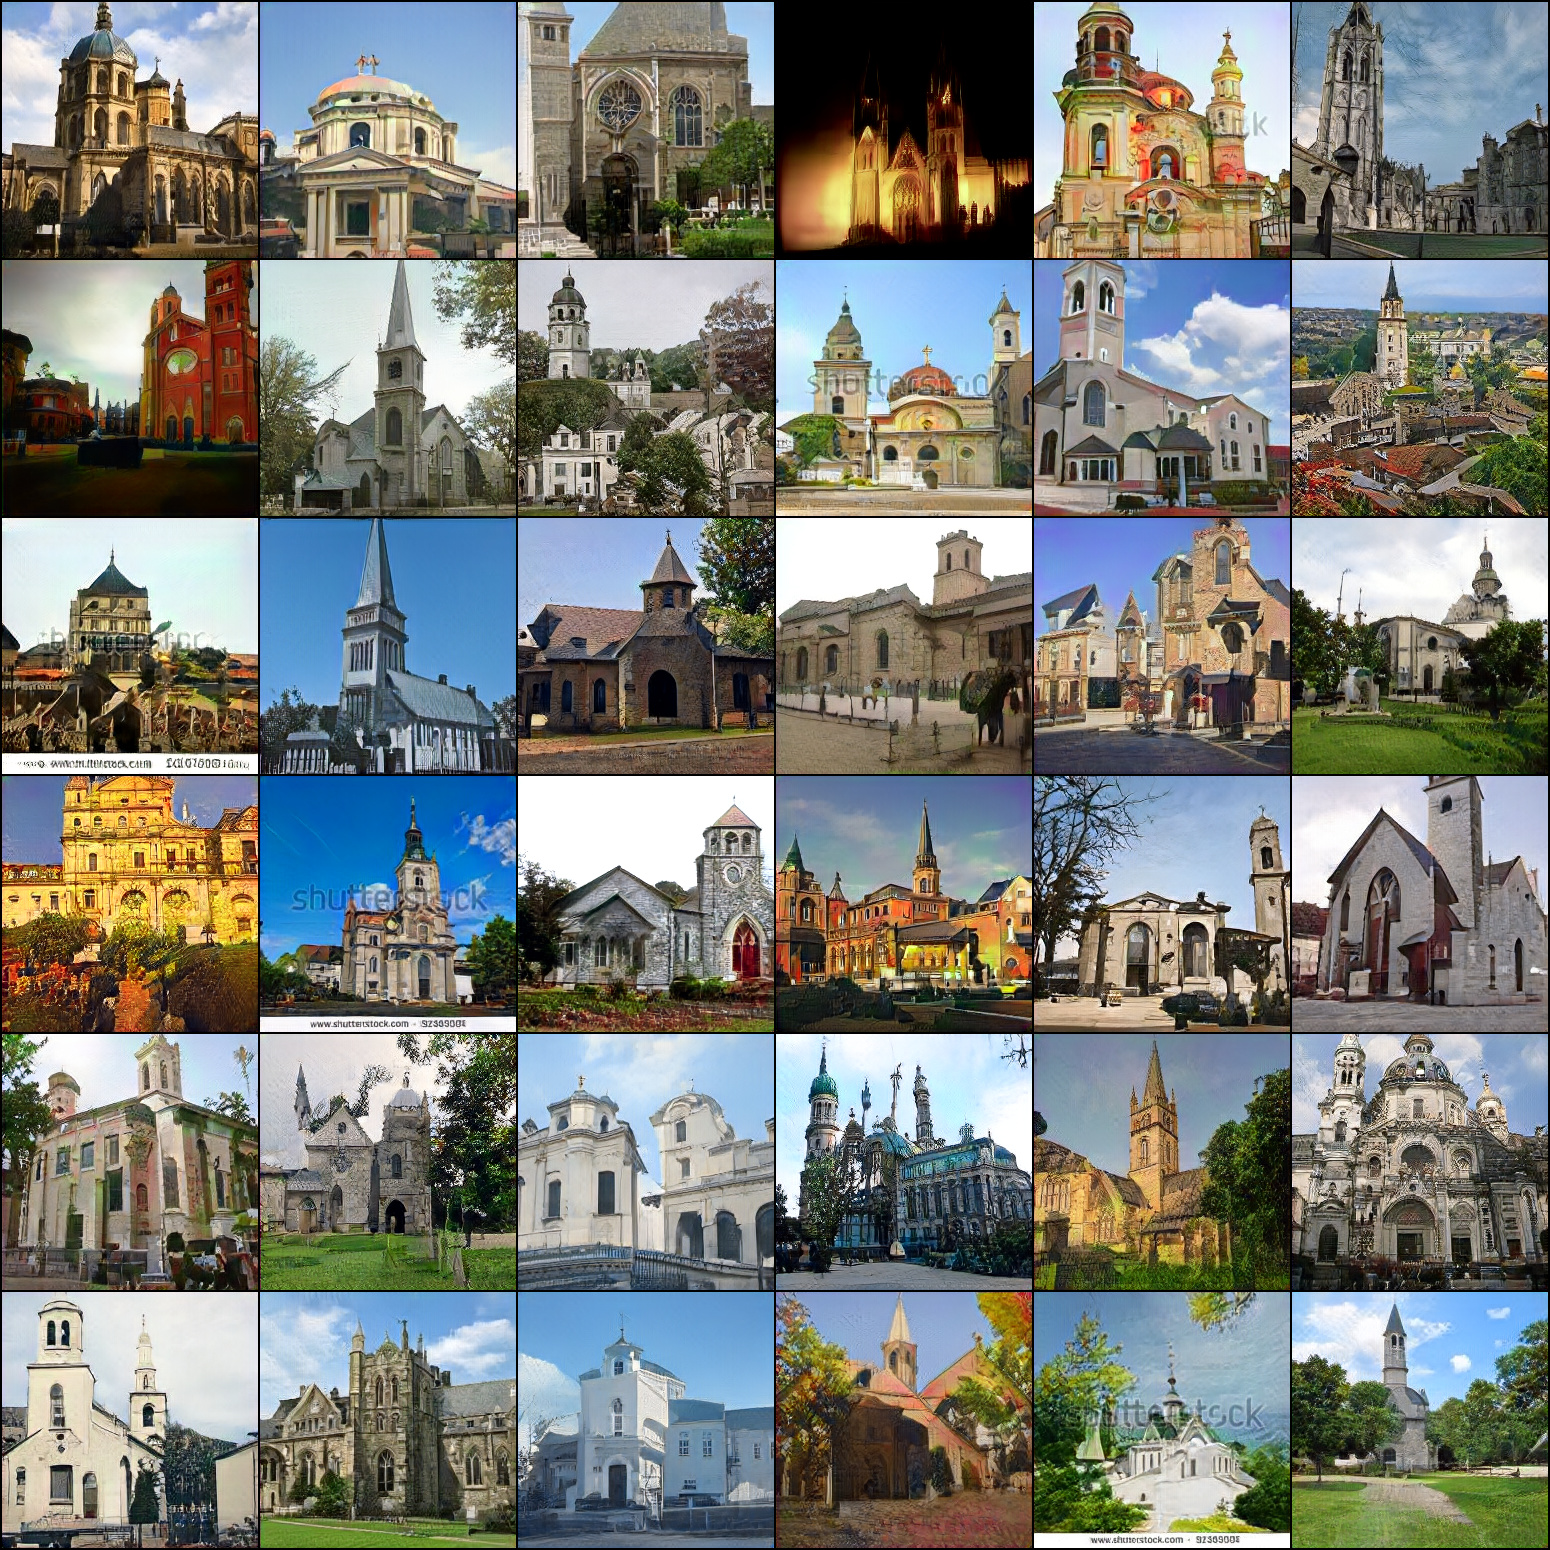 LSUN Churches